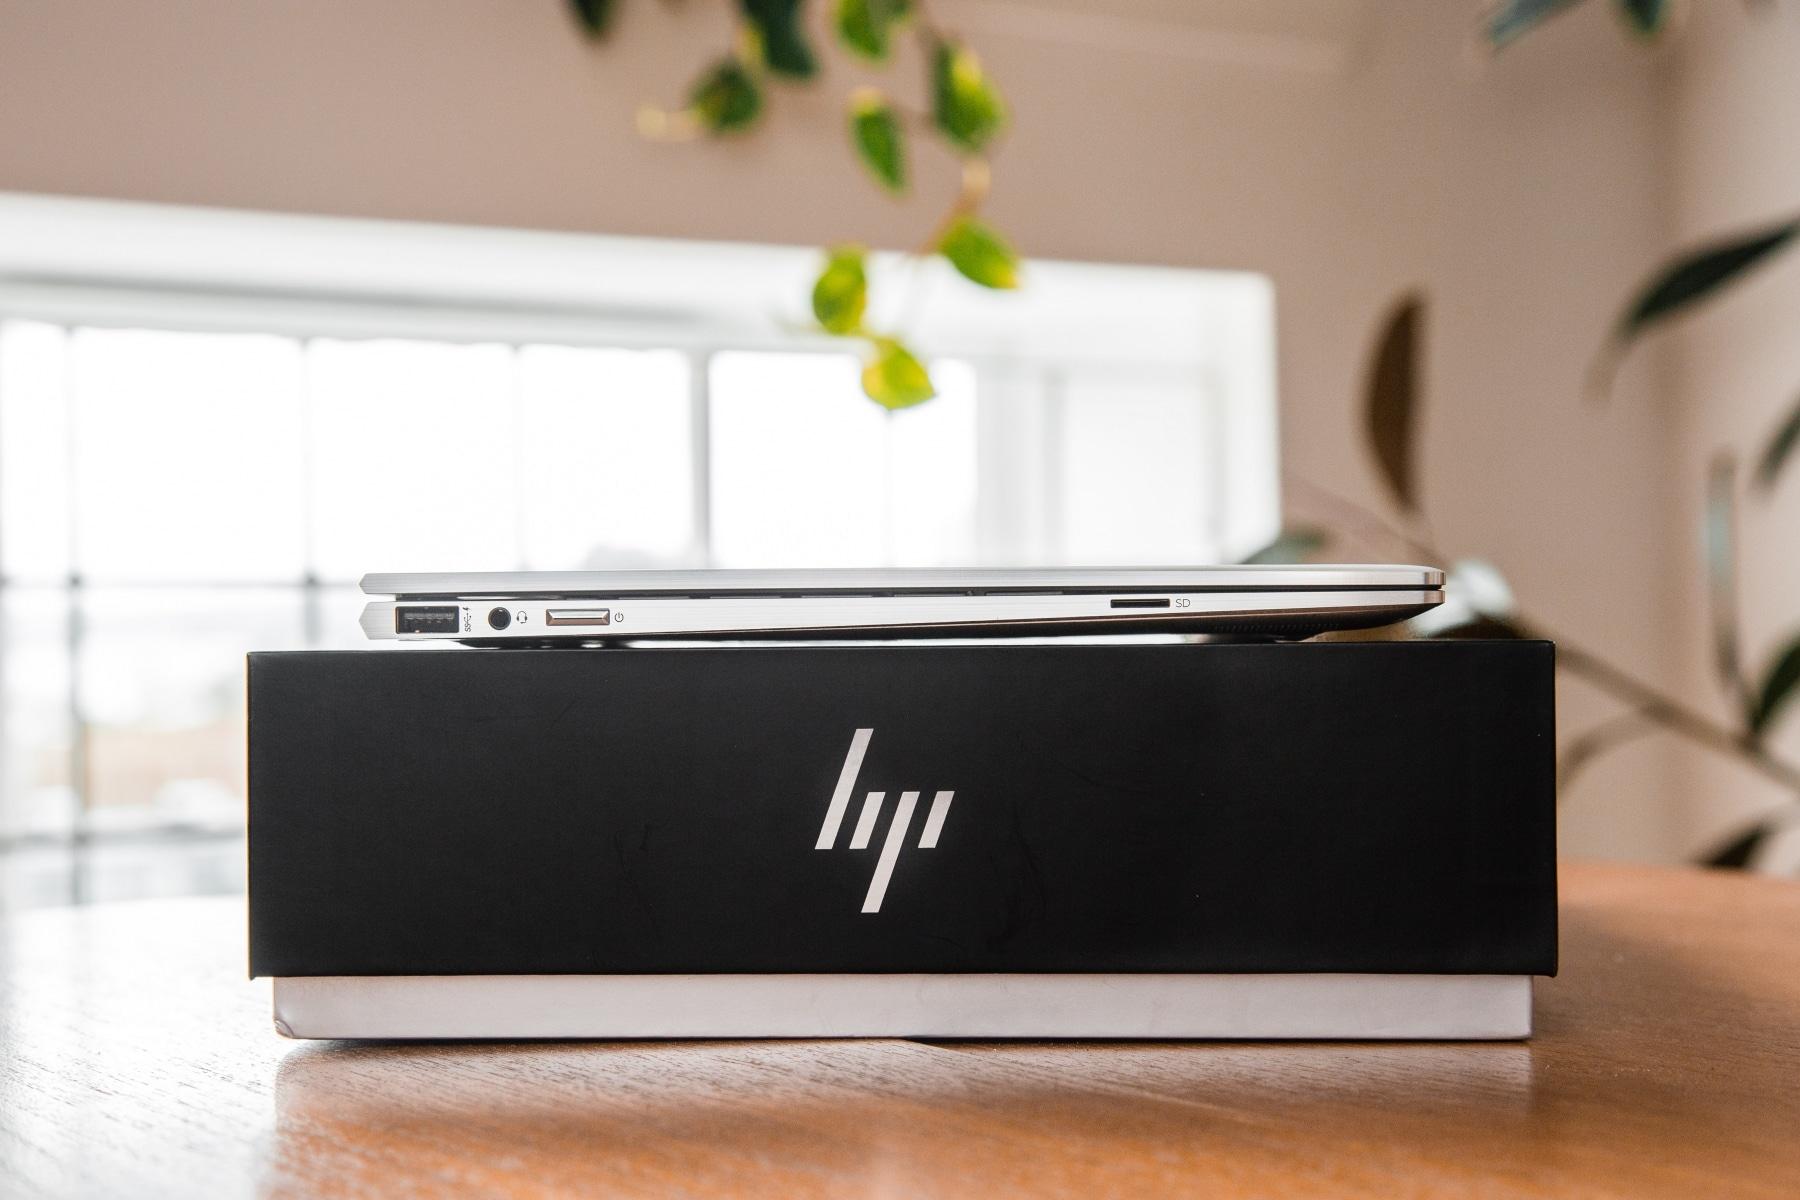 hp spectre x360 laptop on box